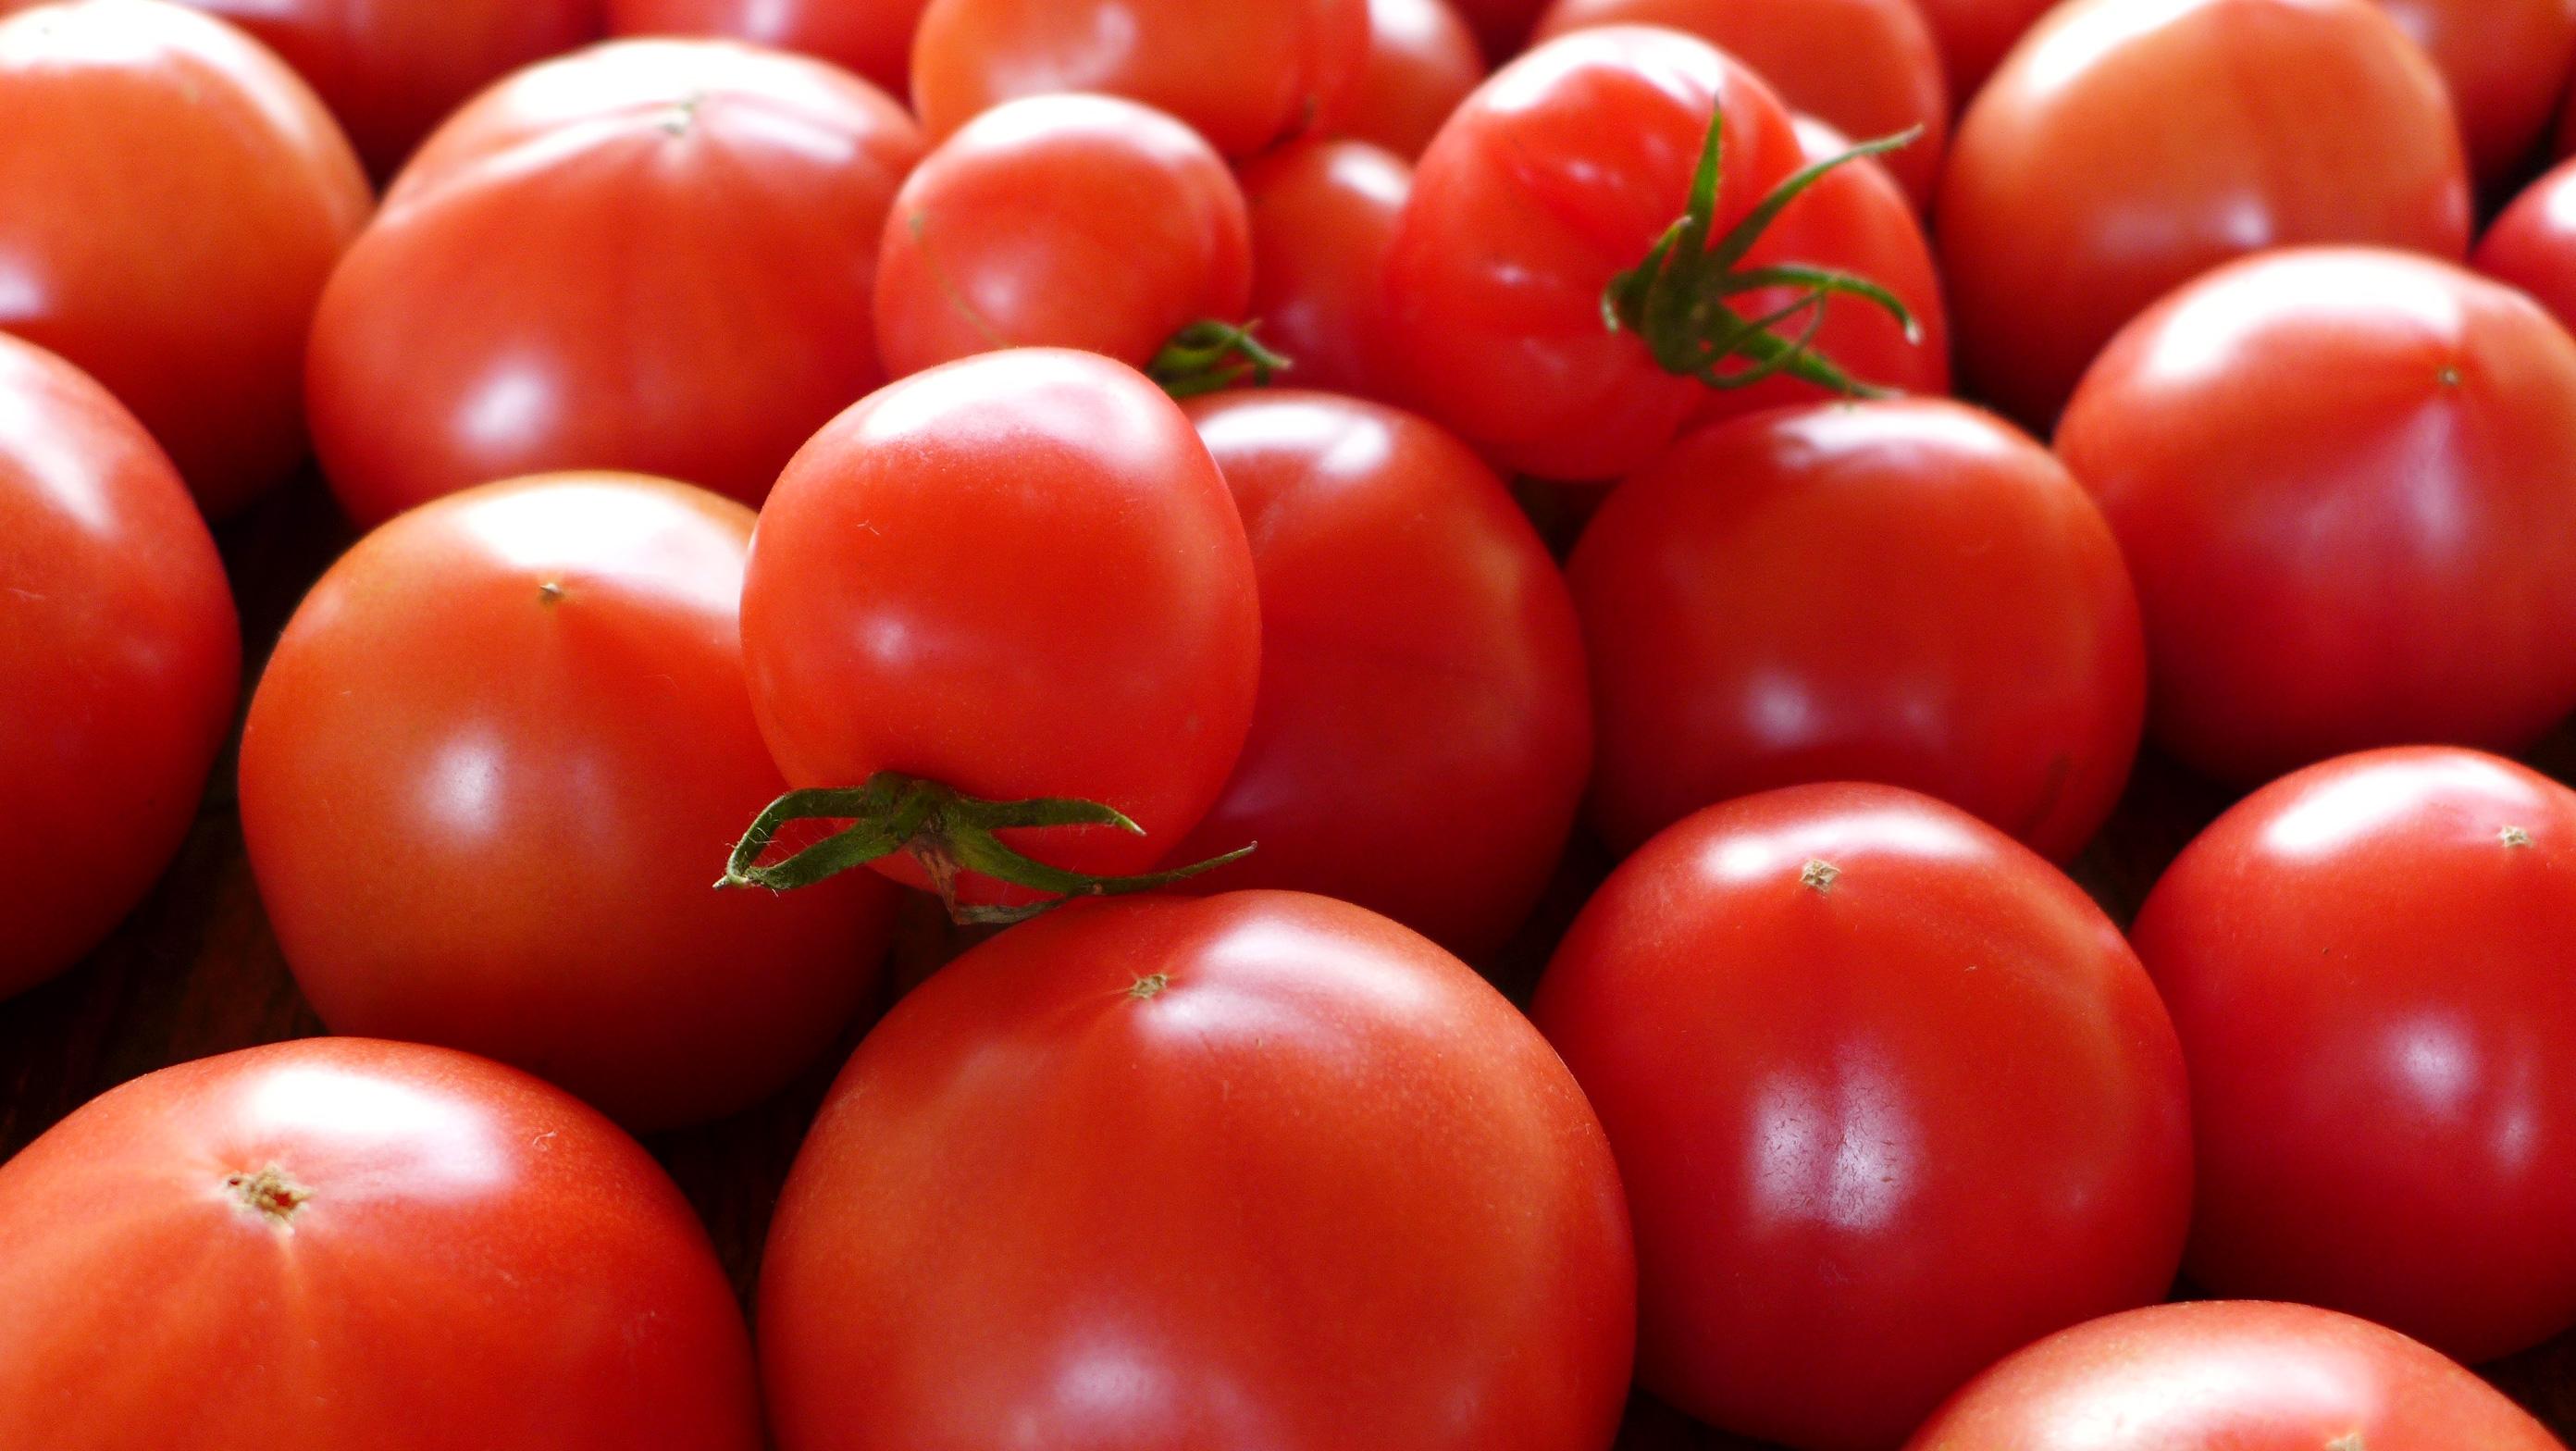 効能がすごい!トマトが赤くなると医者は青くなるって本当なのか?!のサムネイル画像